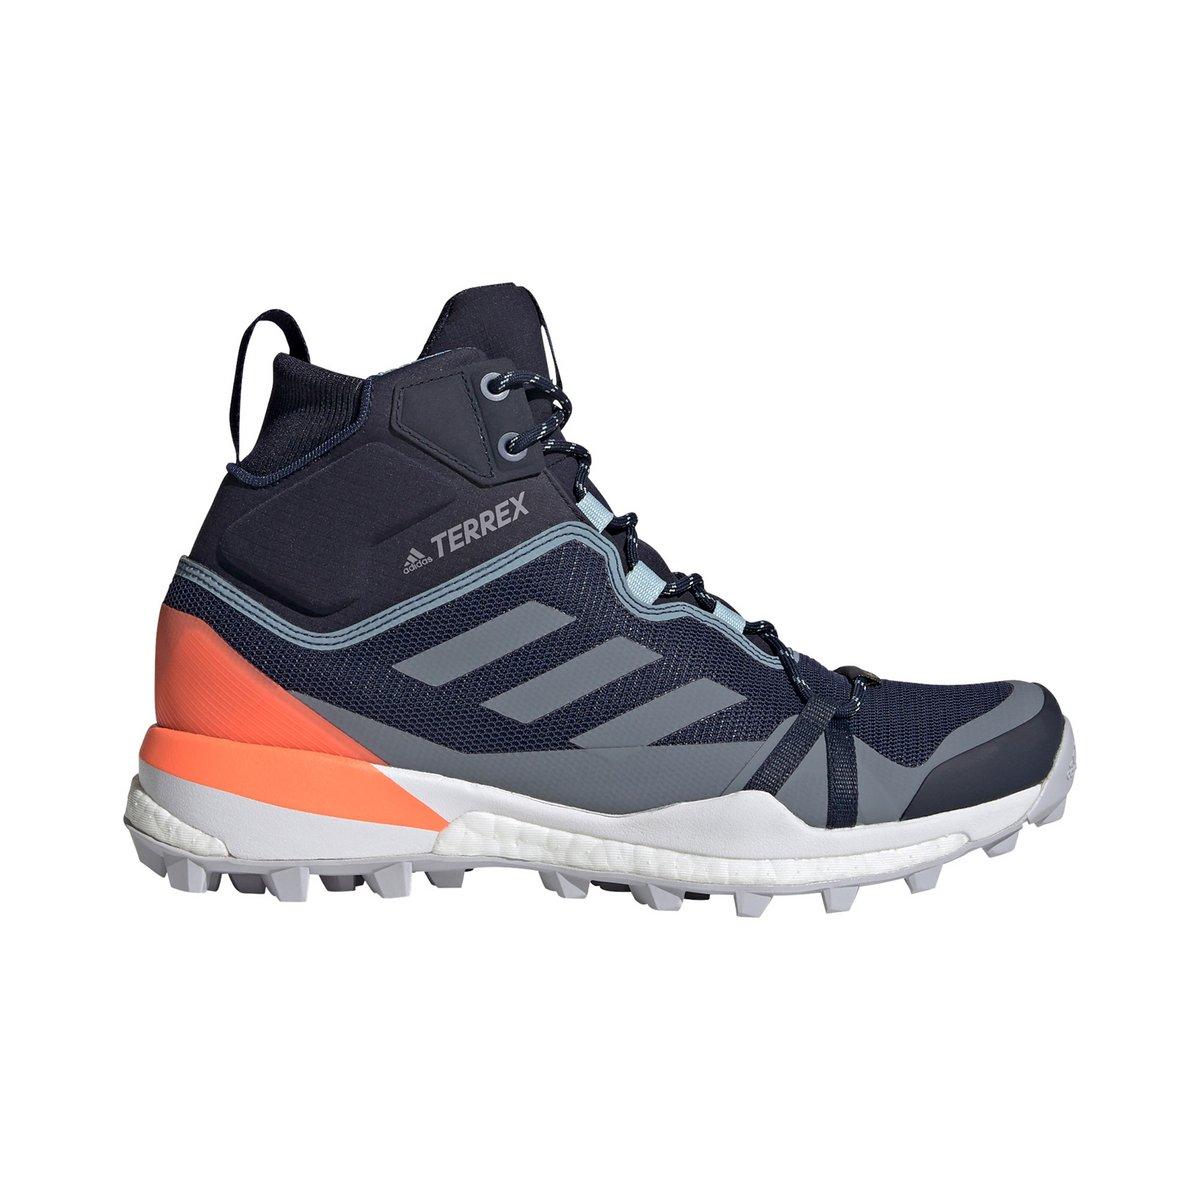 Adidas Terrex Women's Terrex Skychaser LT Mid GORE-TEX Walking Boots 0